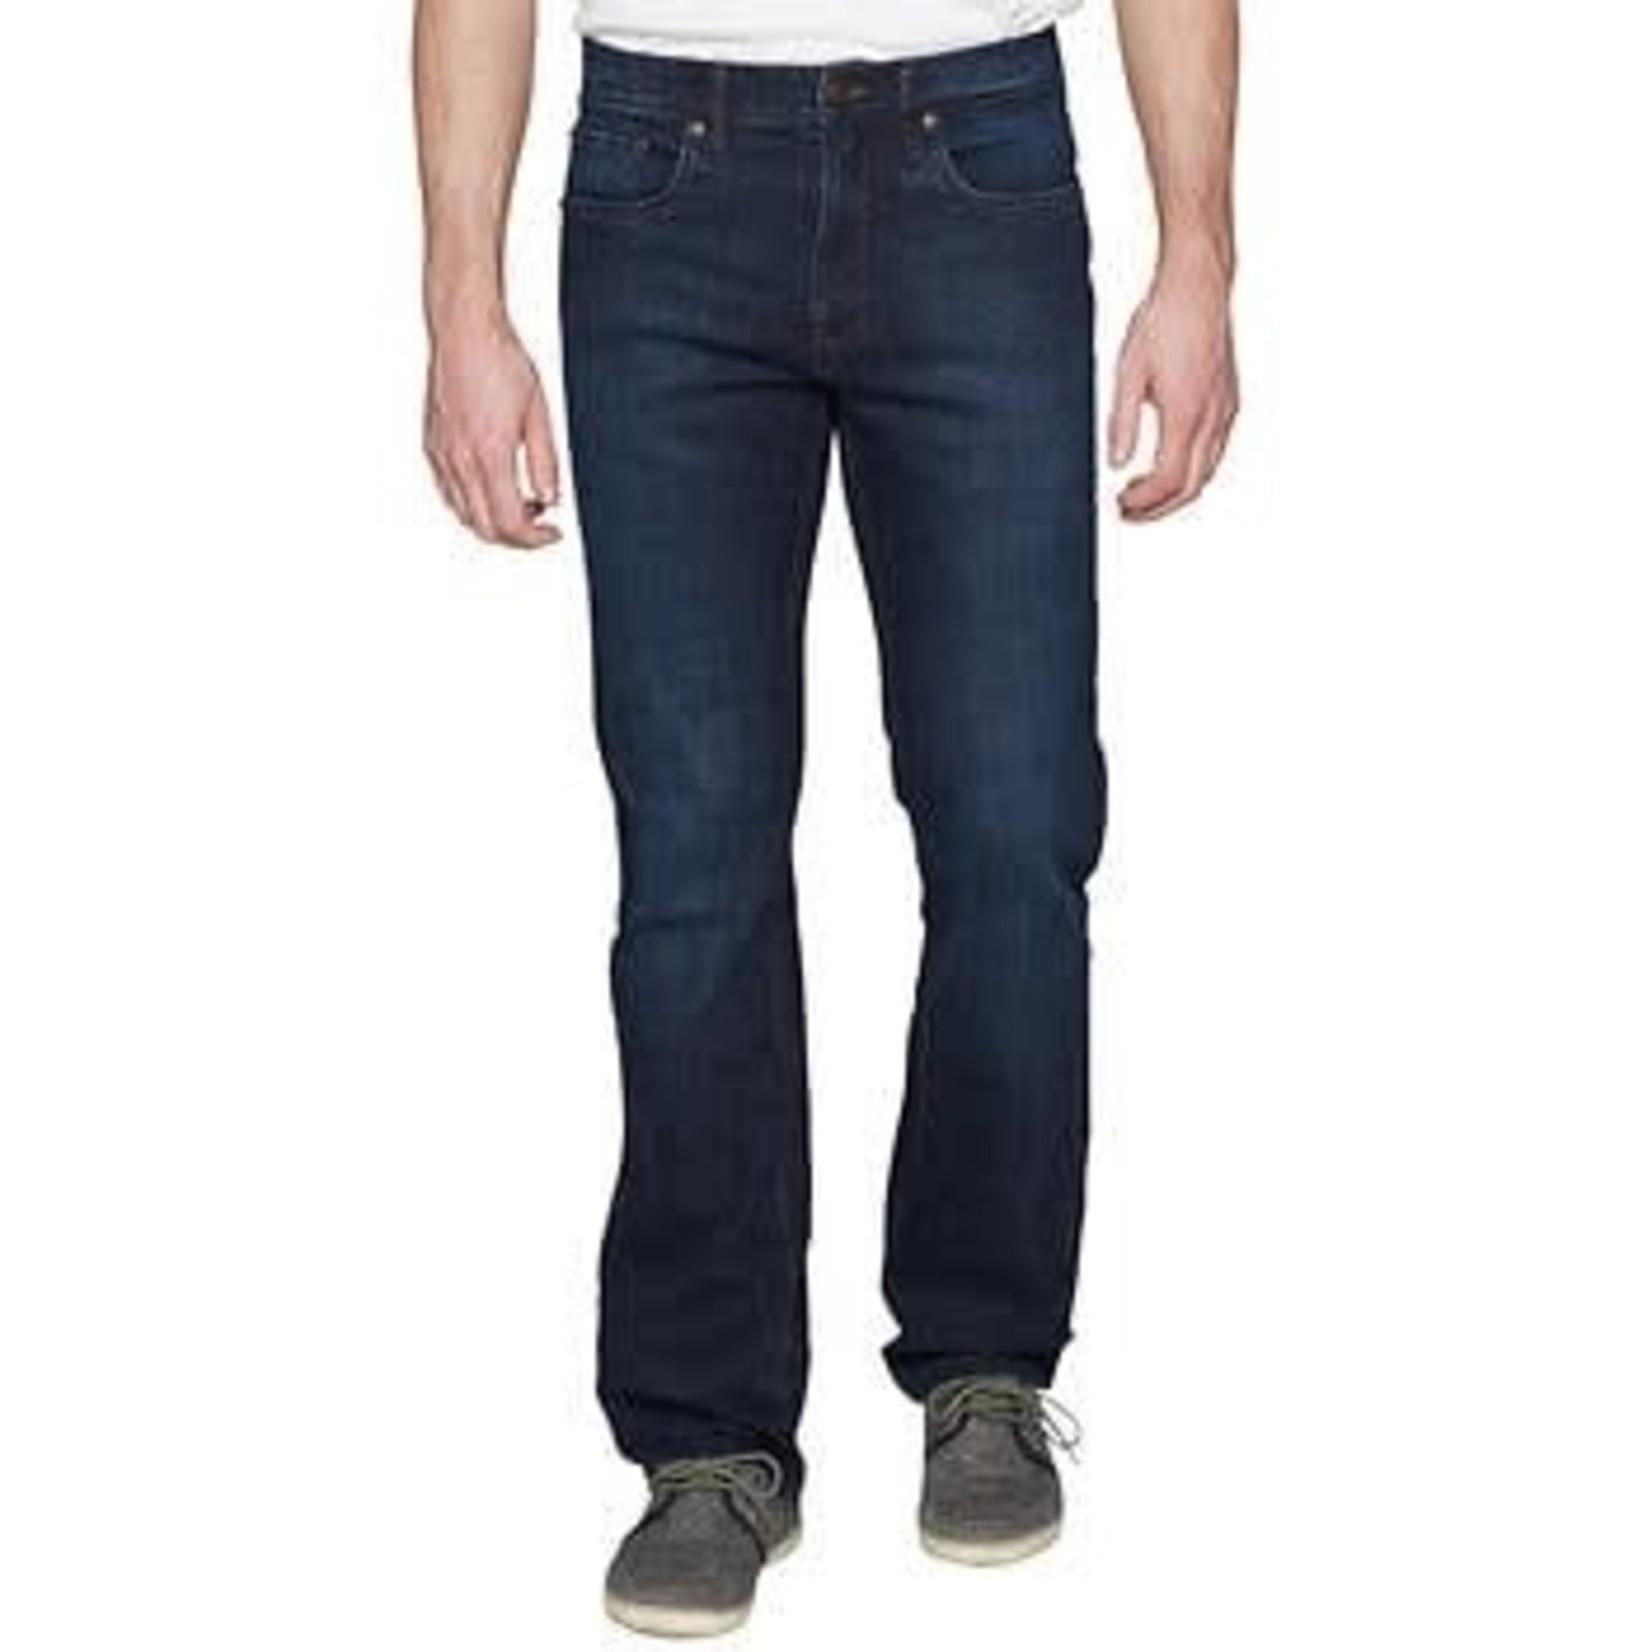 Urban Star Jeans Dark Wash